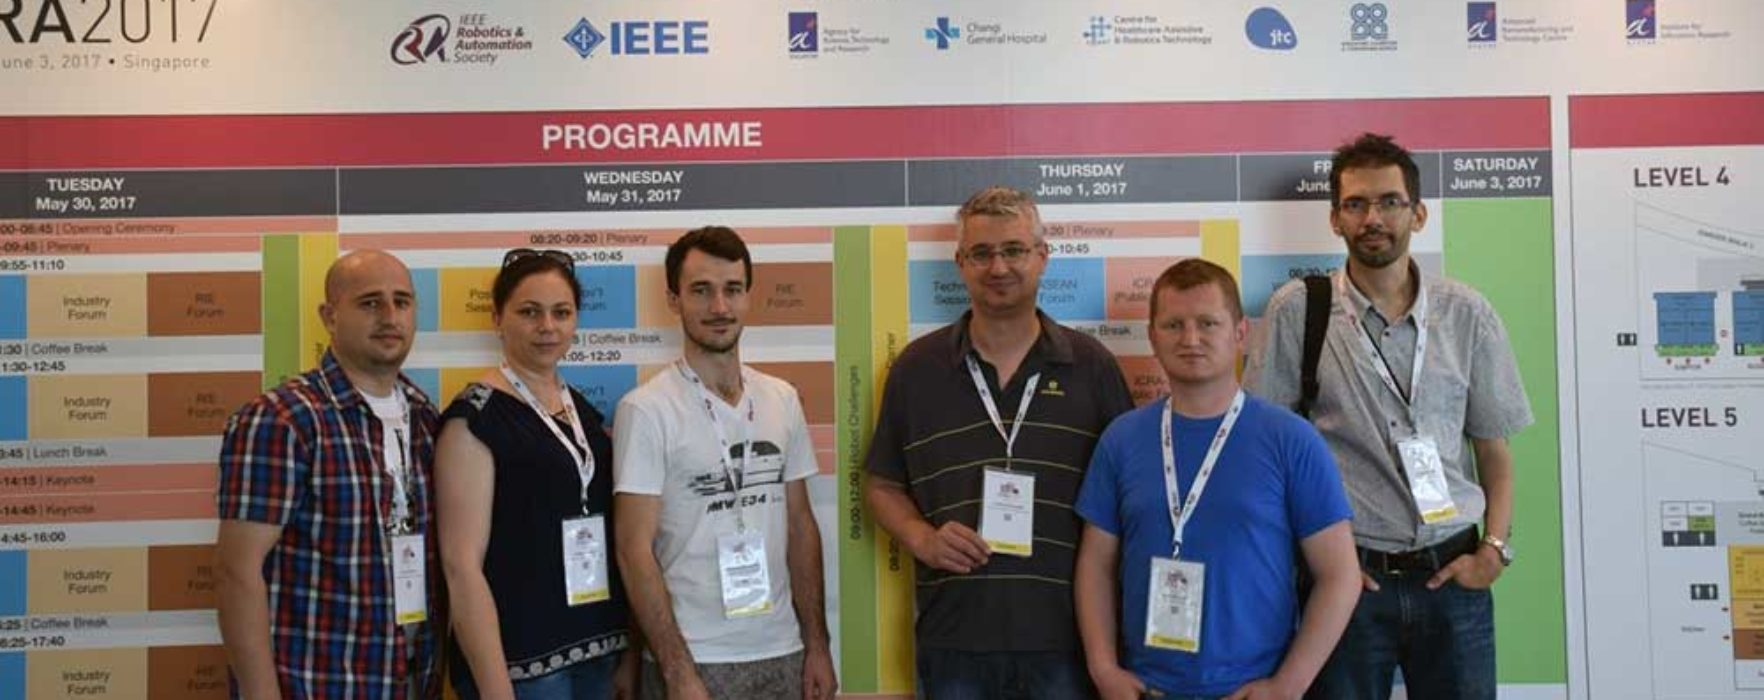 Succes al Universităţii Valahia în finala concursului internaţional de microrobotică de la Singapore